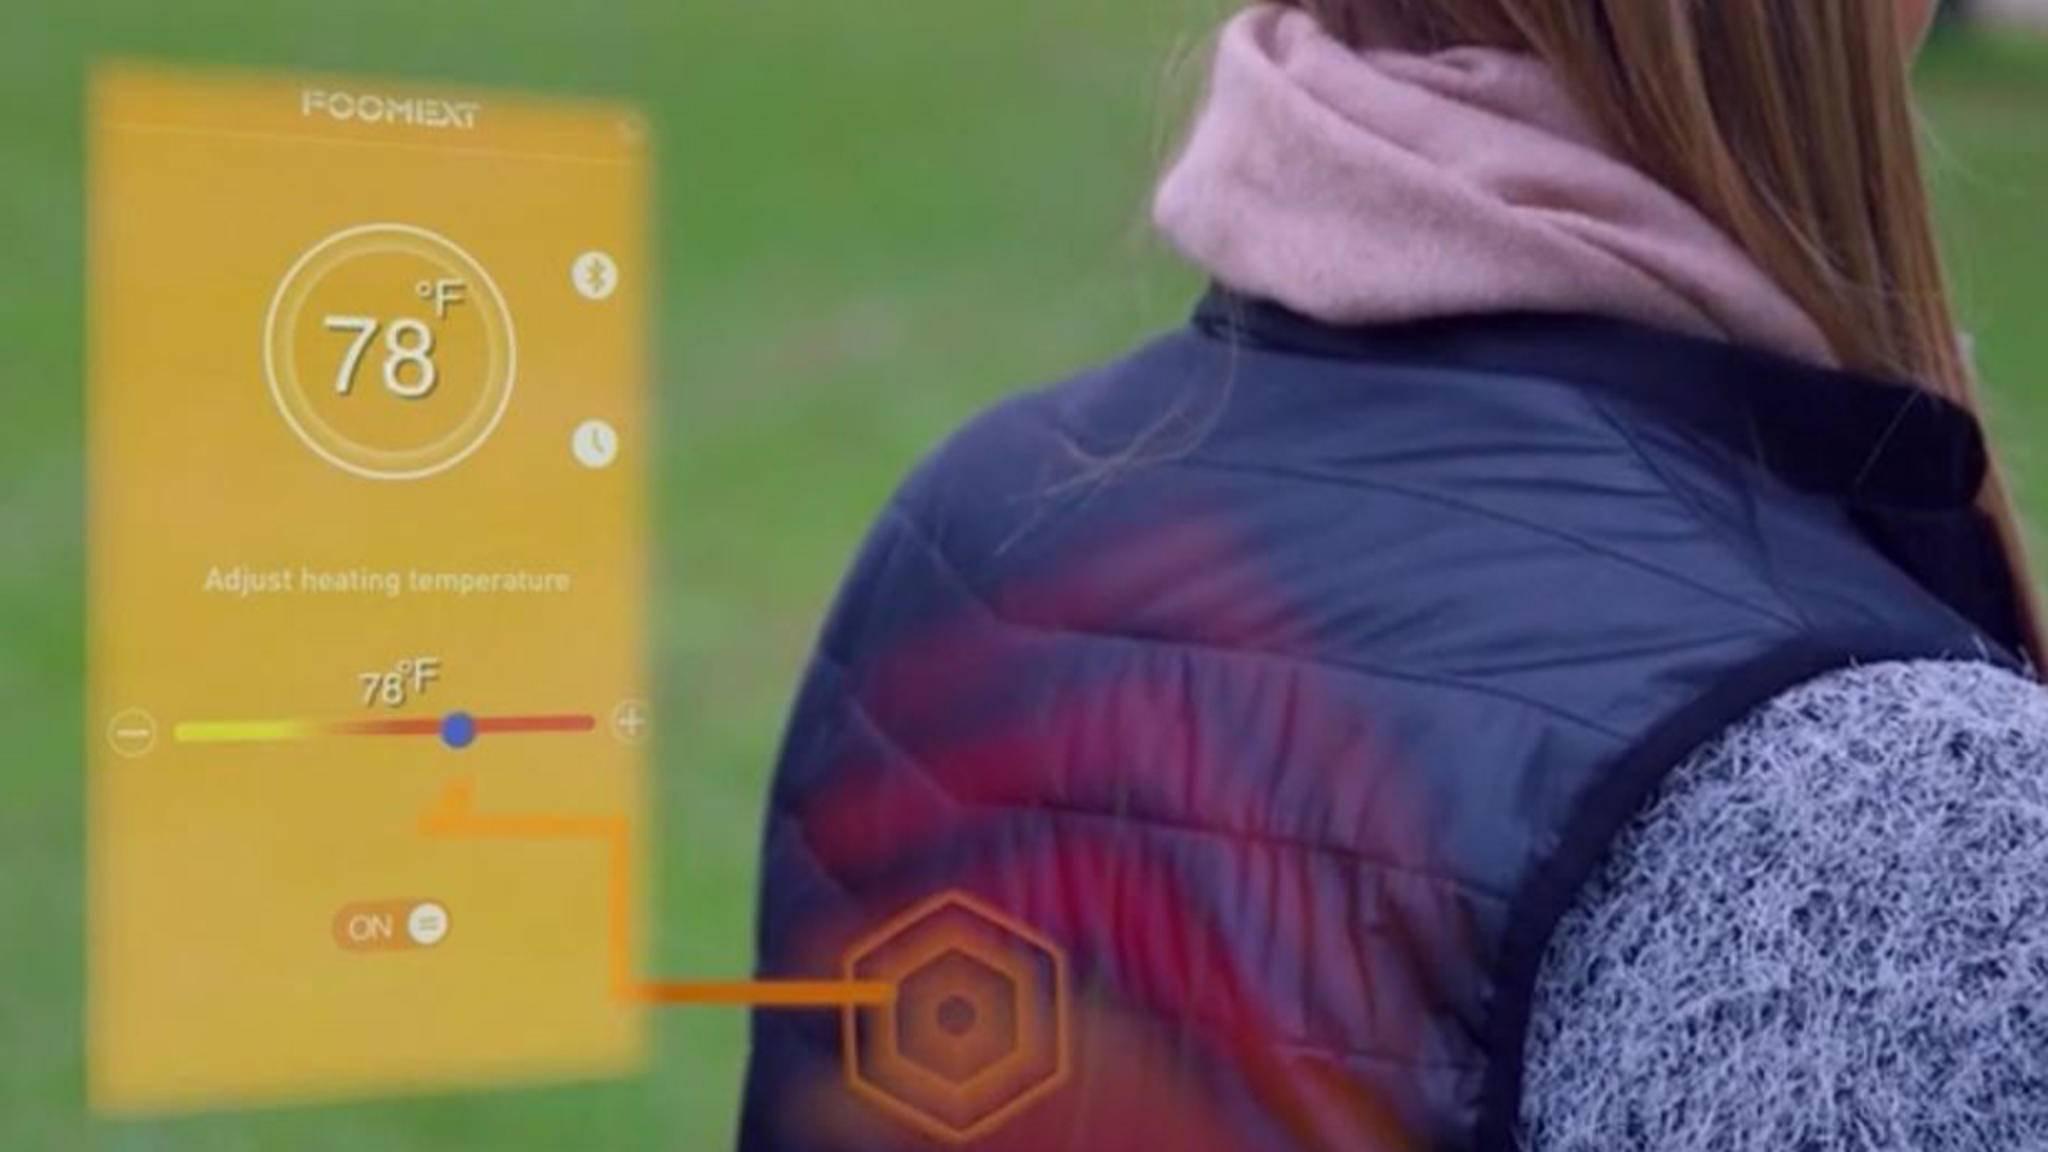 Die beheizbare Weste nimmt die Temperatur an, die zuvor per Smartphone ausgewählt wurde.